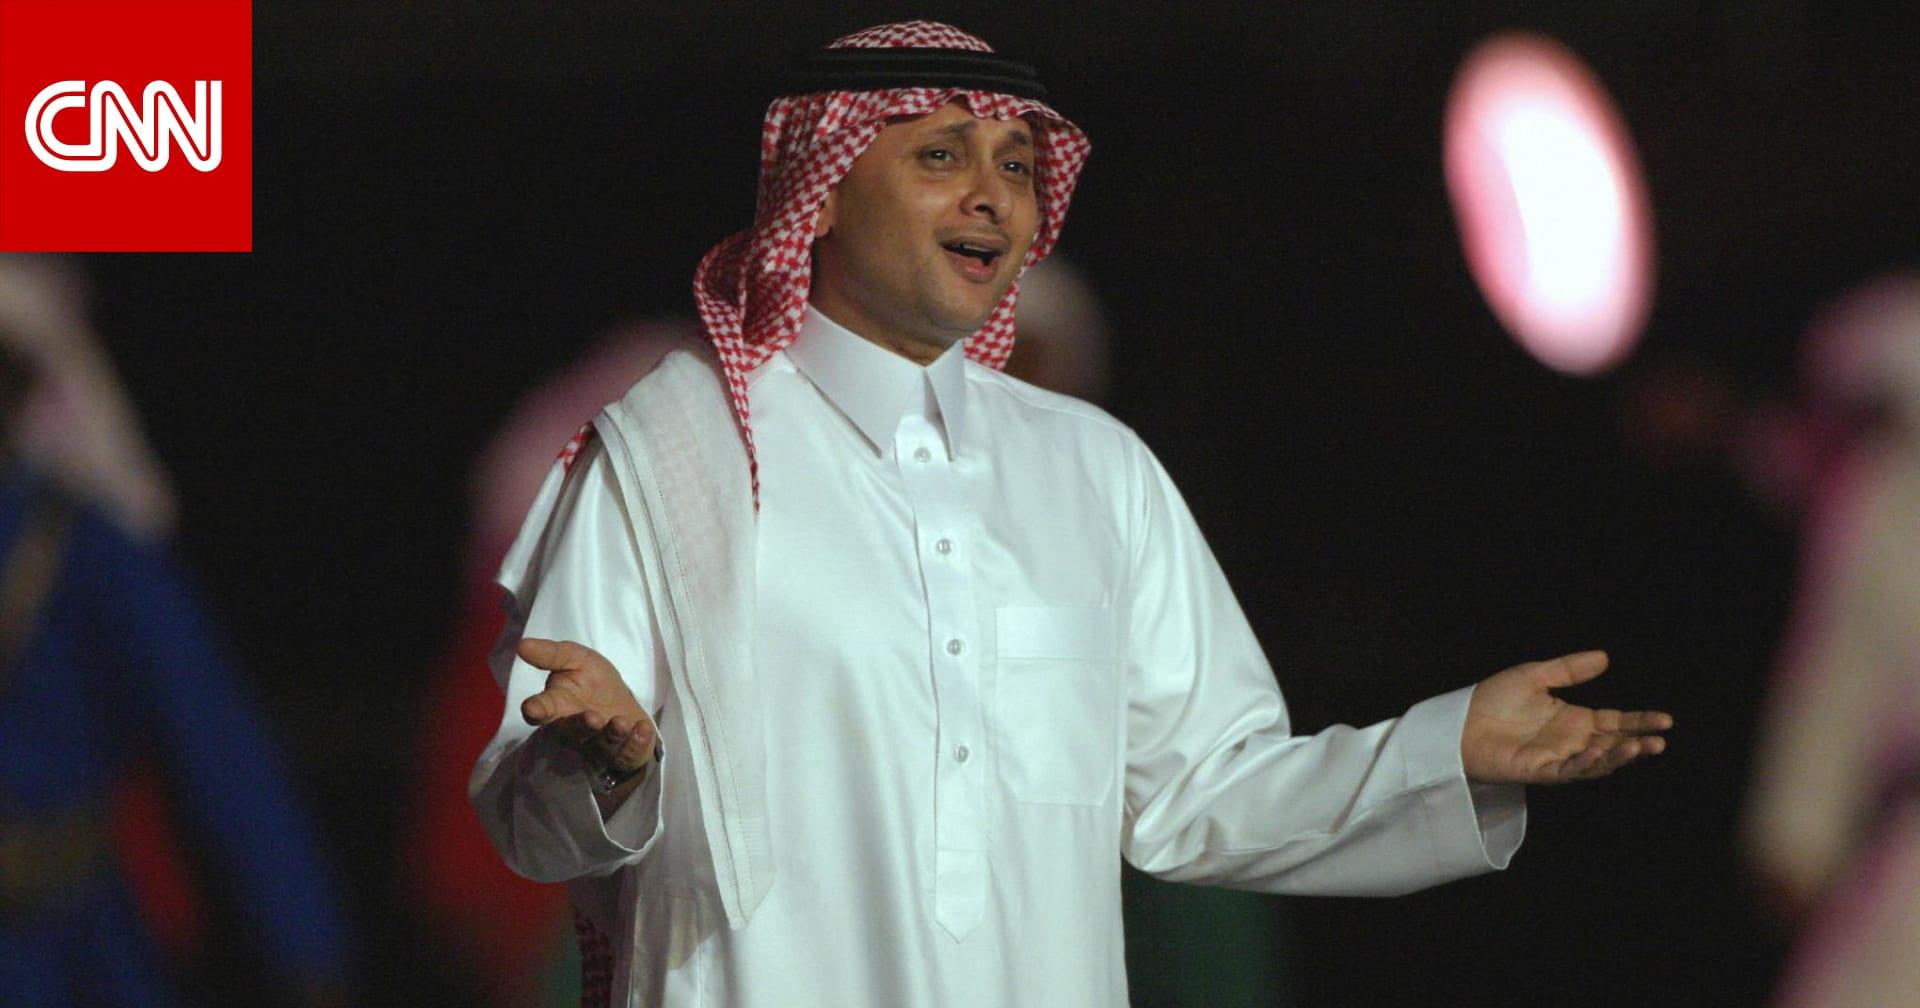 """عبد المجيد عبد الله يبدأ عامه الـ 60 بـ """"عالم موازي"""".. محطات في مسيرة """"أمير الطرب"""""""